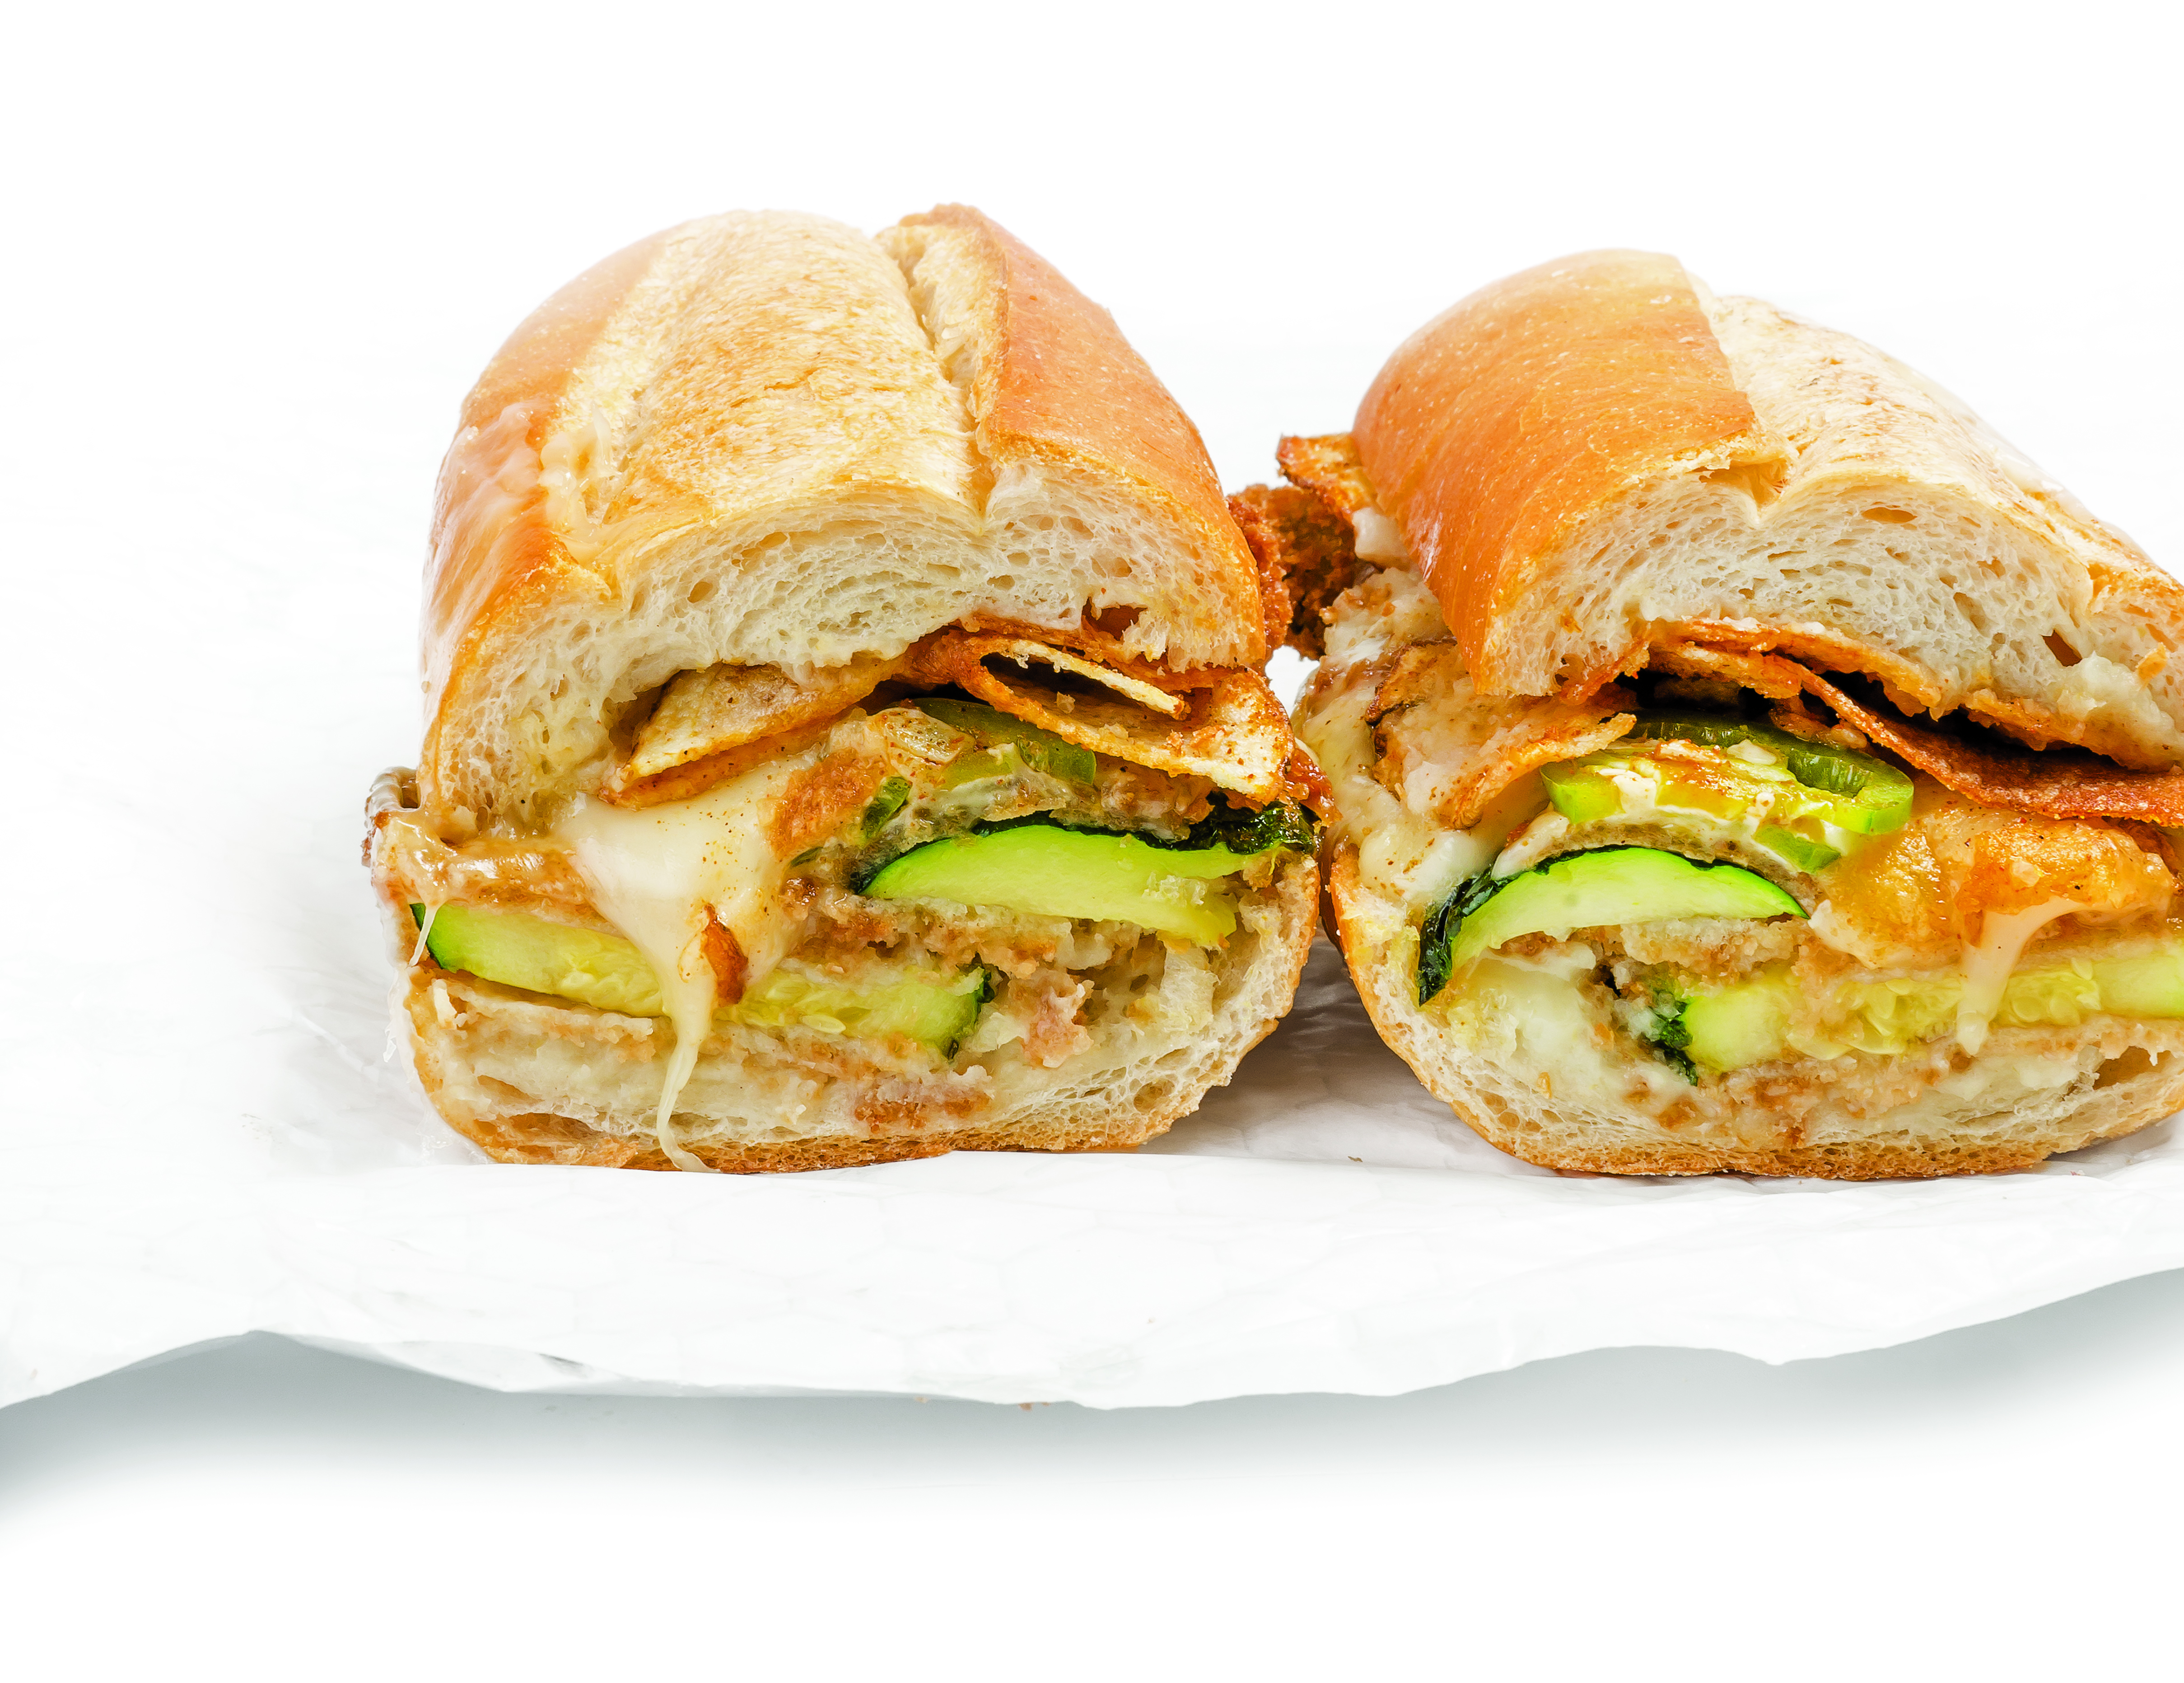 Recipe: A Spicy, Crispy, Cheesy Zucchini Parm Sandwich